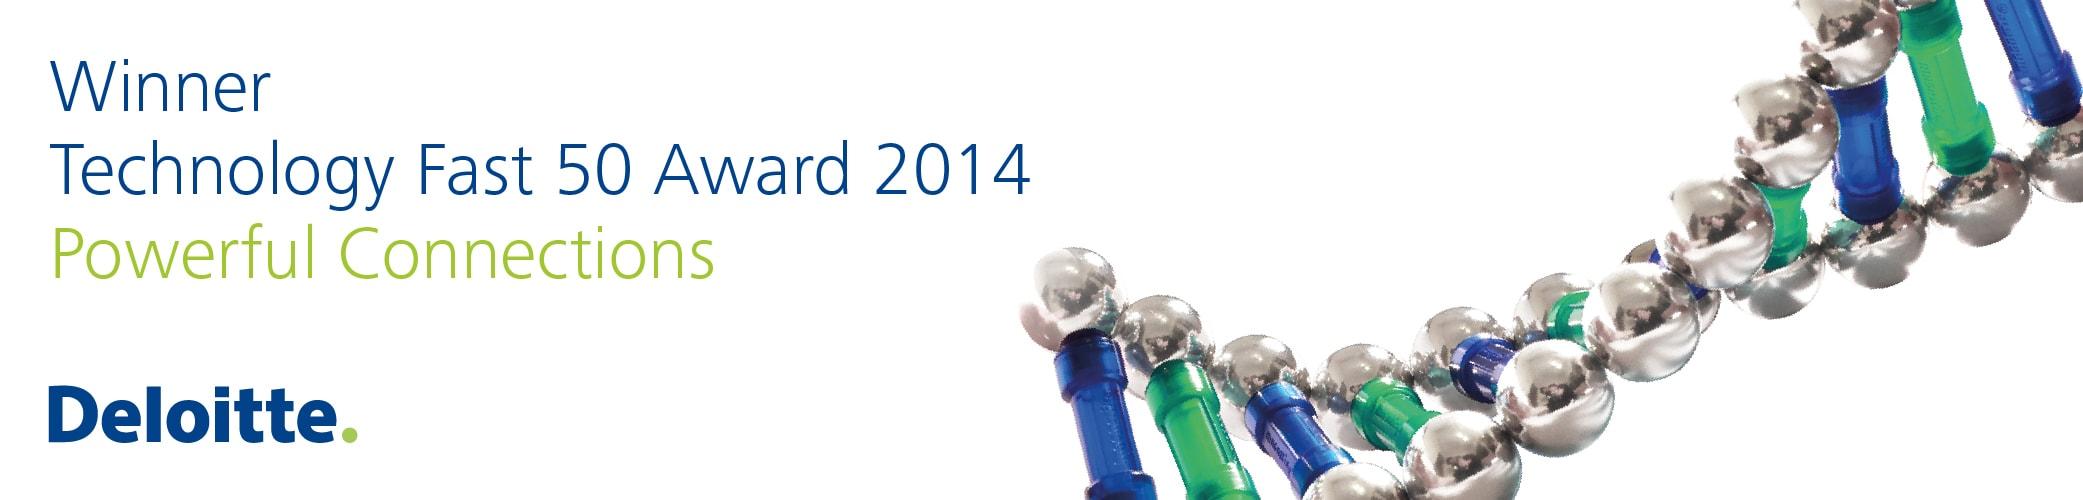 Deloitte Fast 50 Award